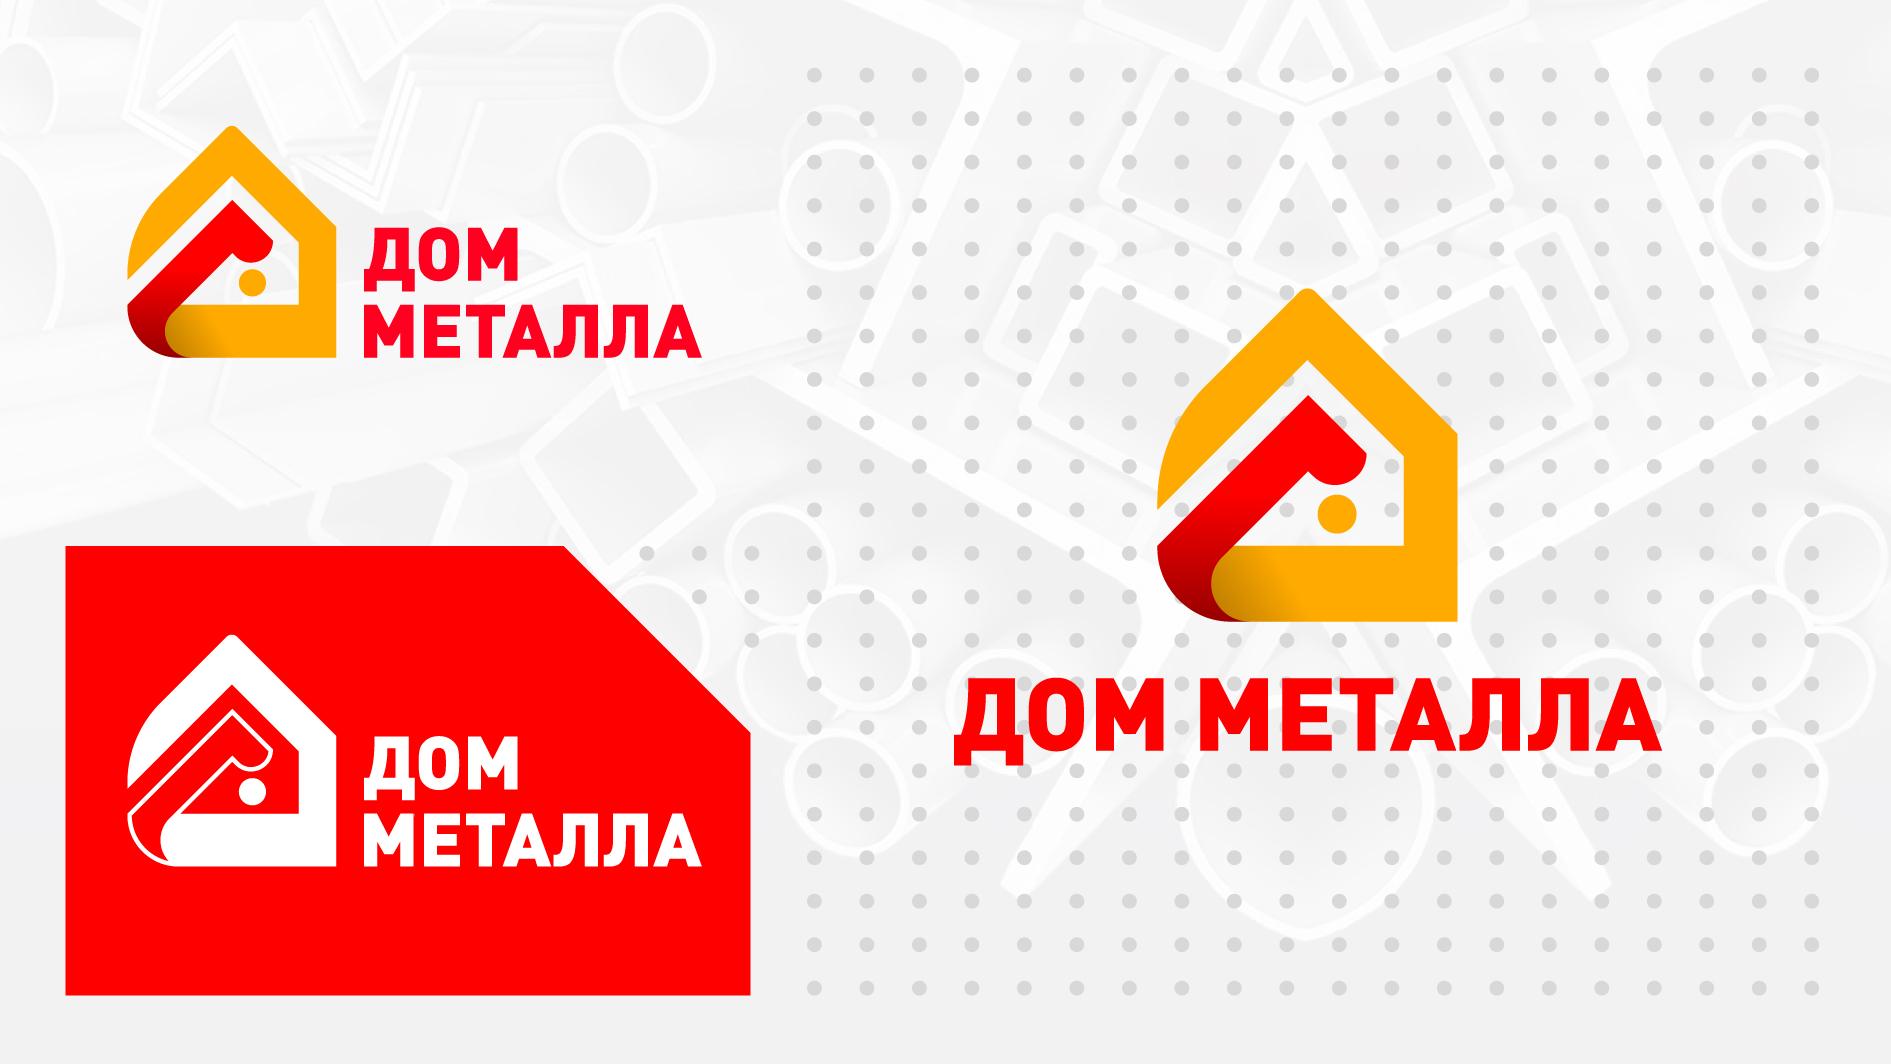 Разработка логотипа фото f_5295c5ad71438692.jpg